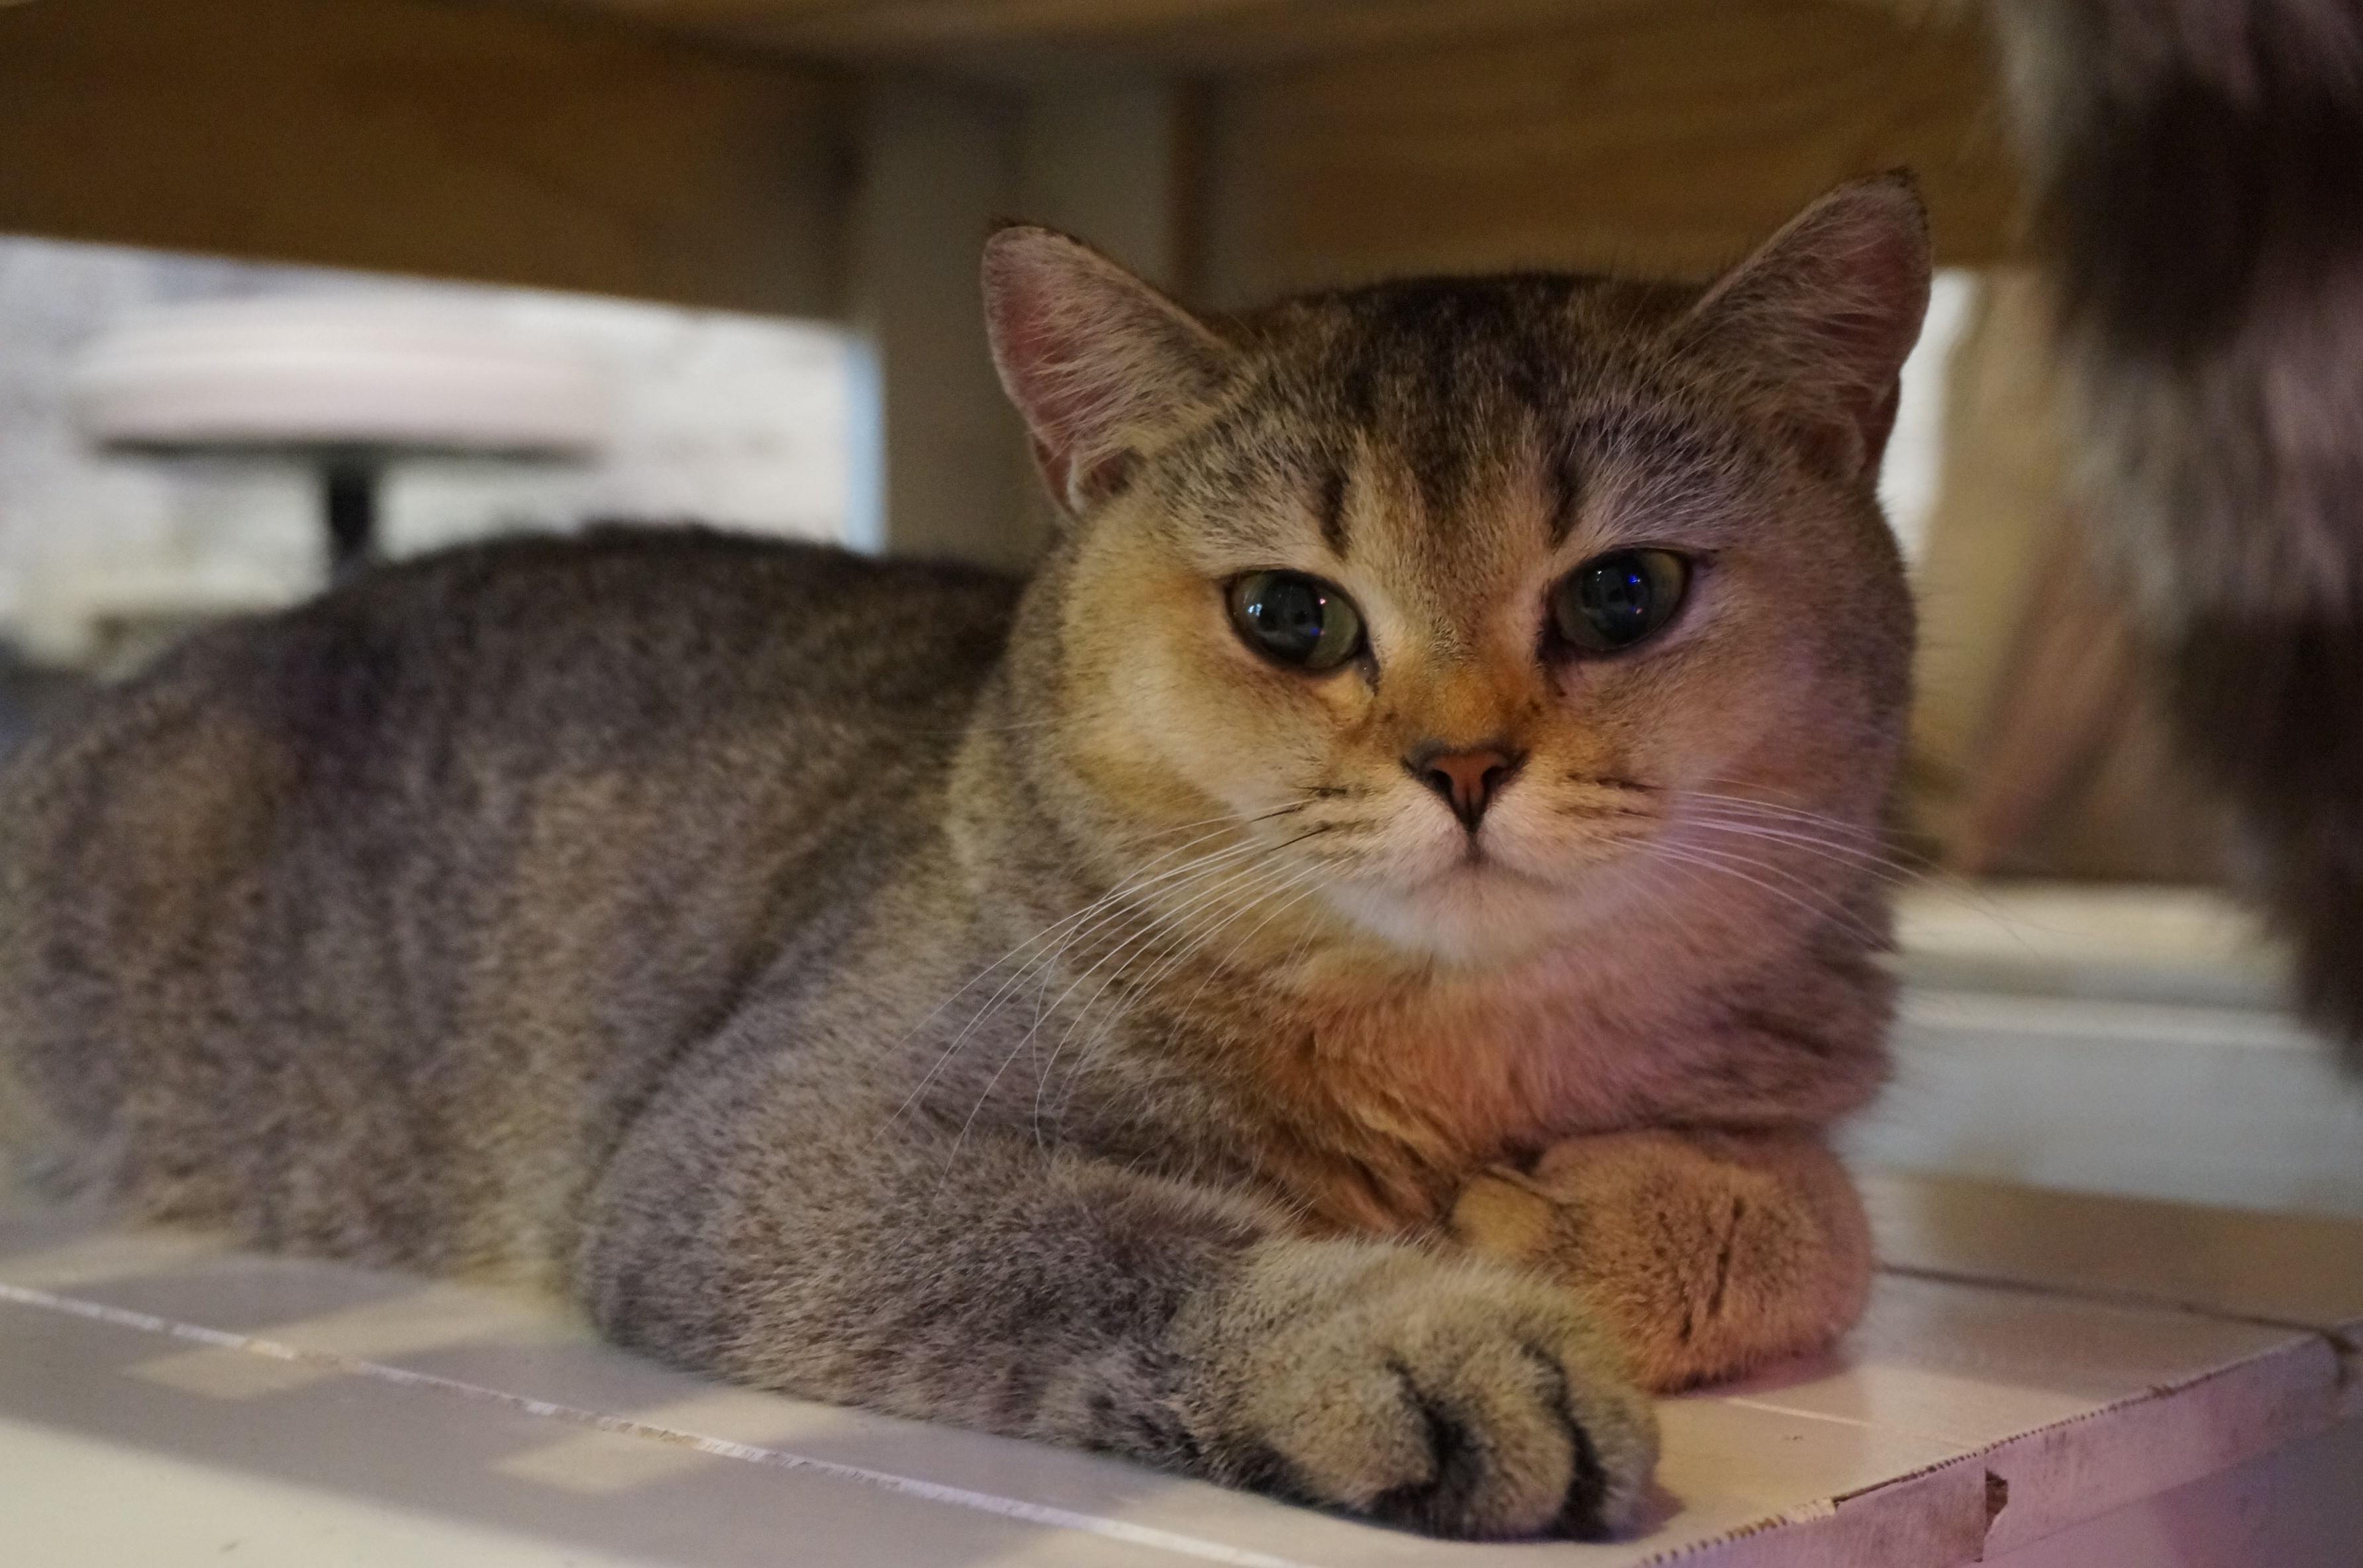 Download 99+  Gambar Kucing Sedang Menangis Paling Keren HD